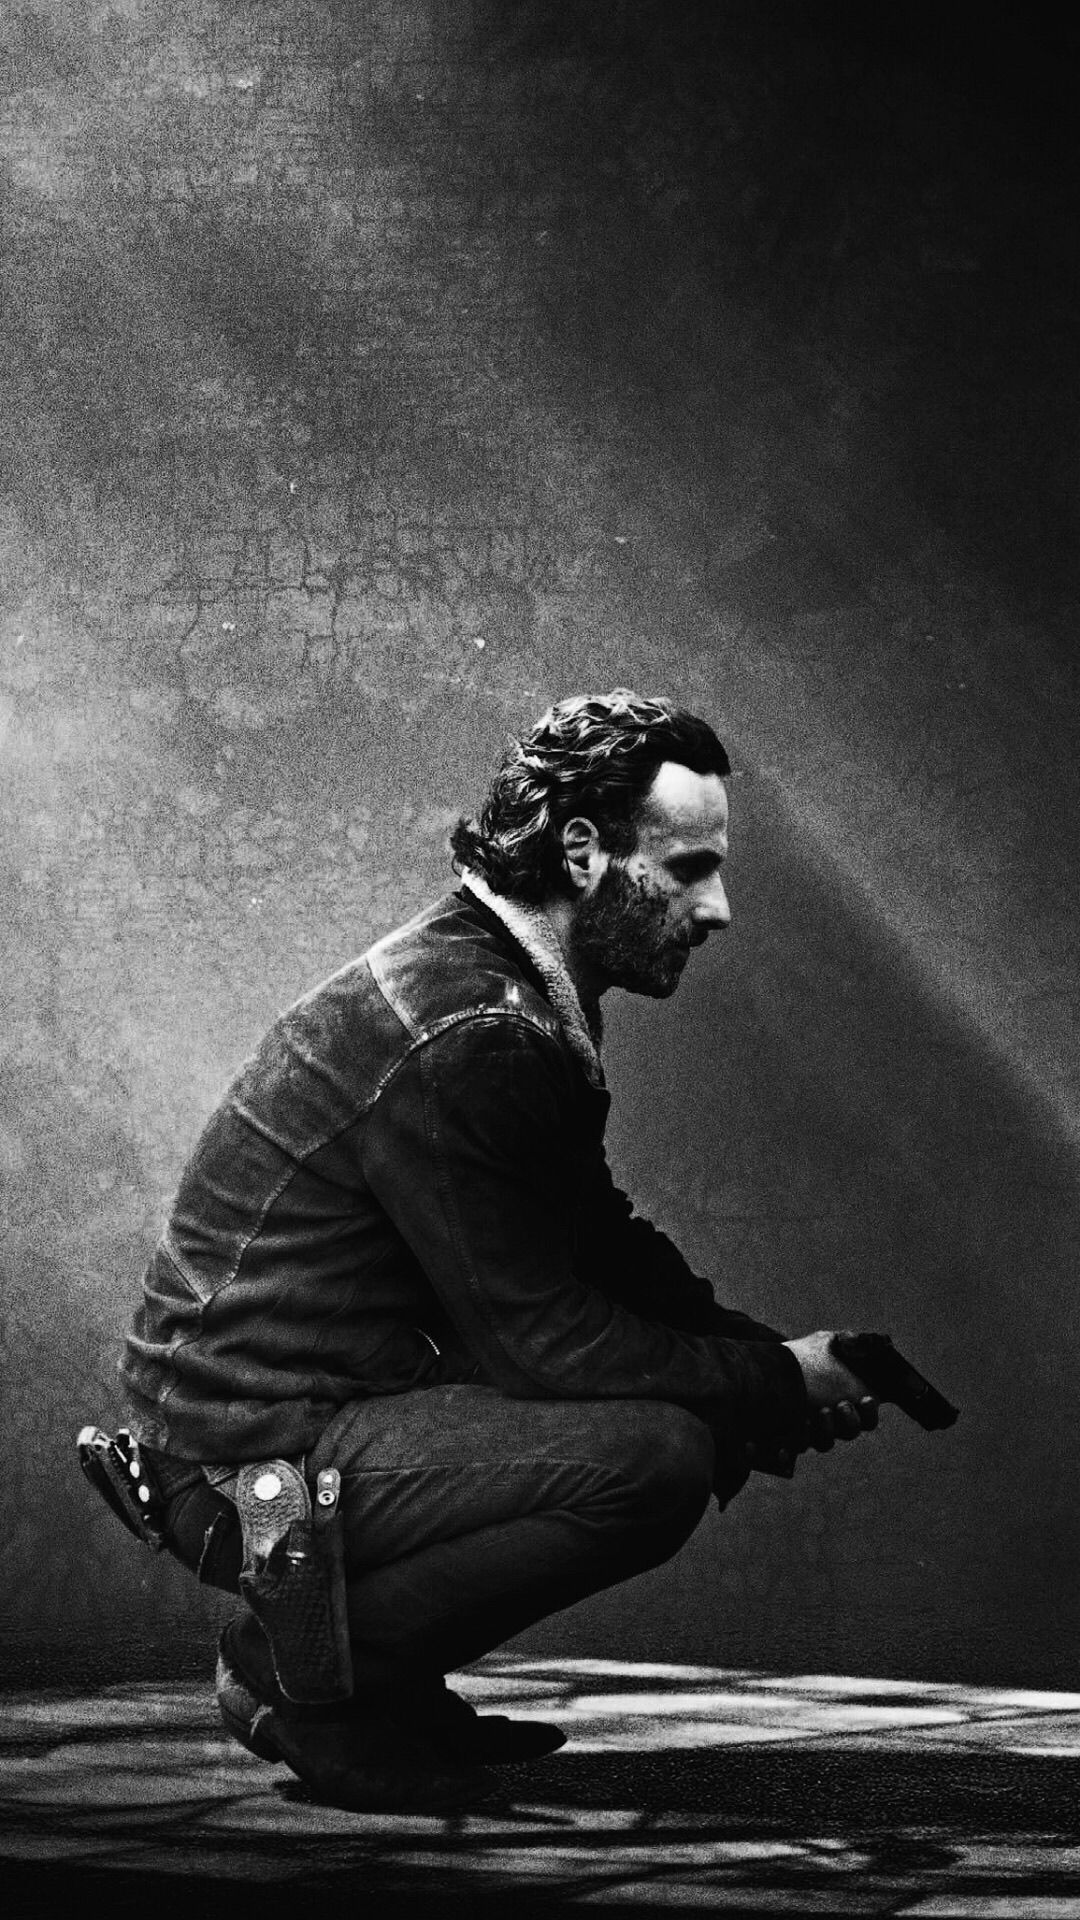 Pin de Rick em Andrew Lincoln (Black n white) The